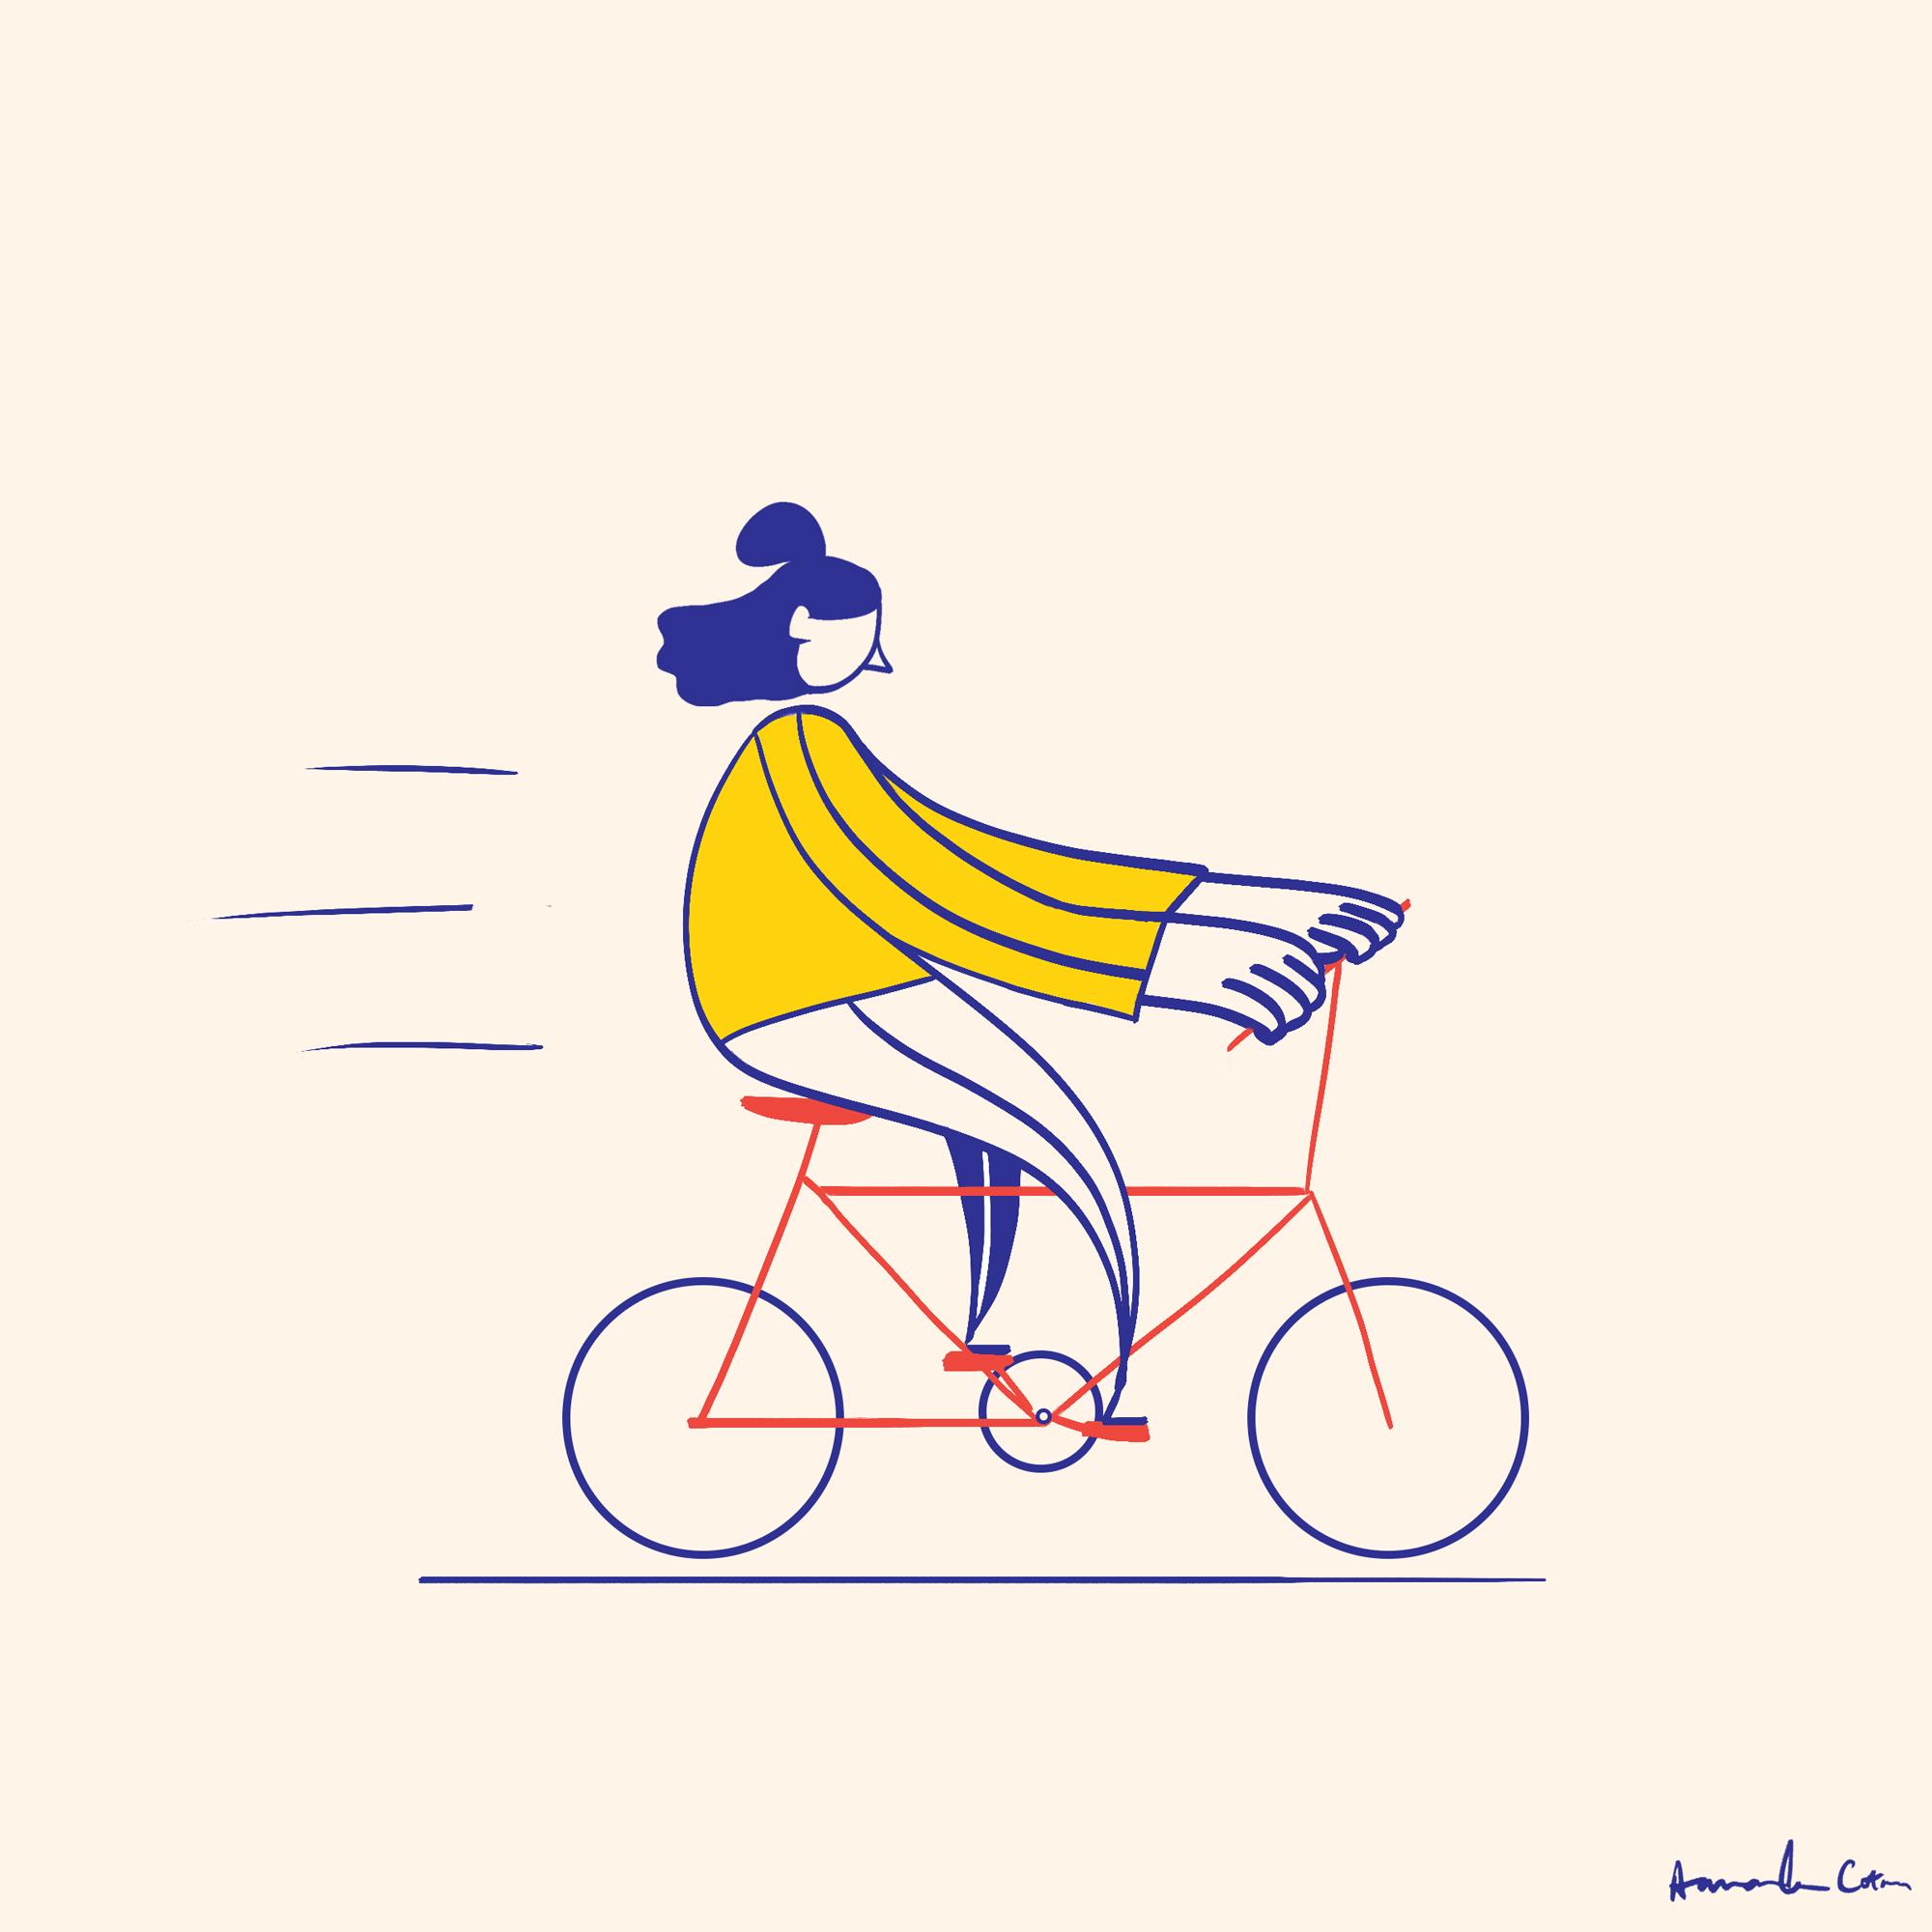 bananabike.jpg